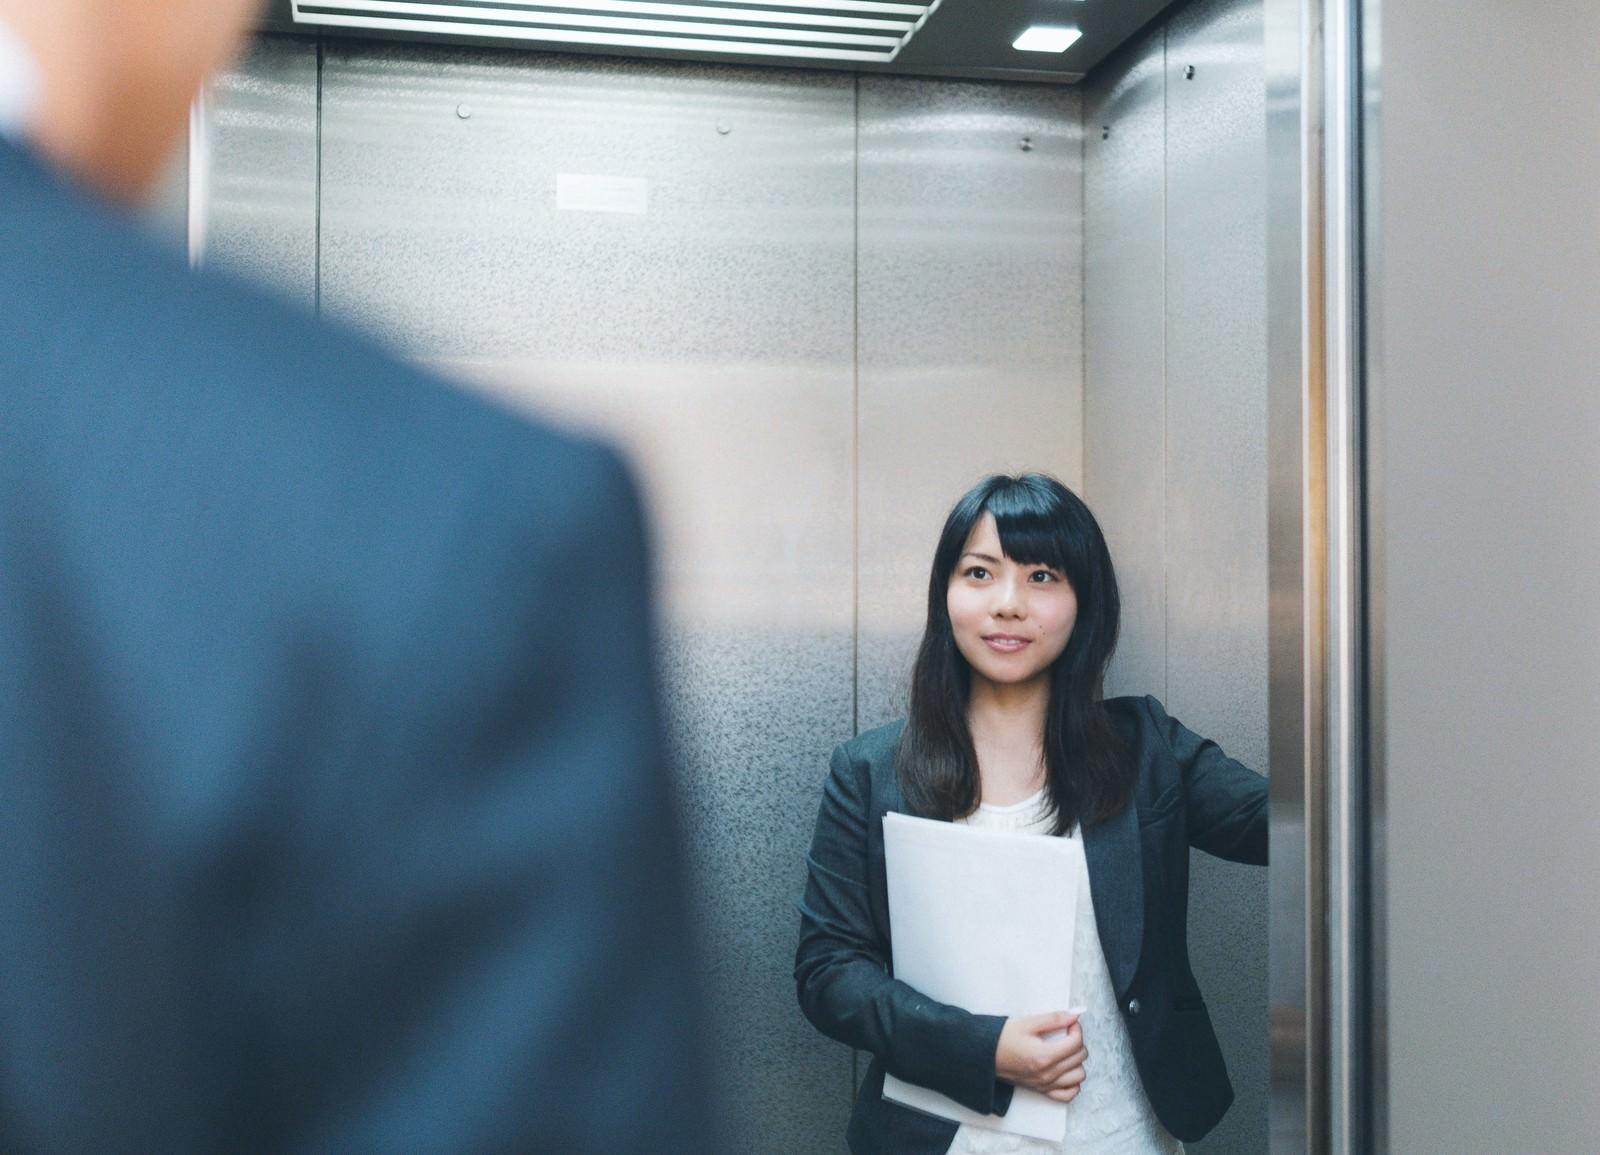 「「何階ですか?」と来客に尋ねる気が利く社員」の写真[モデル:Lala]